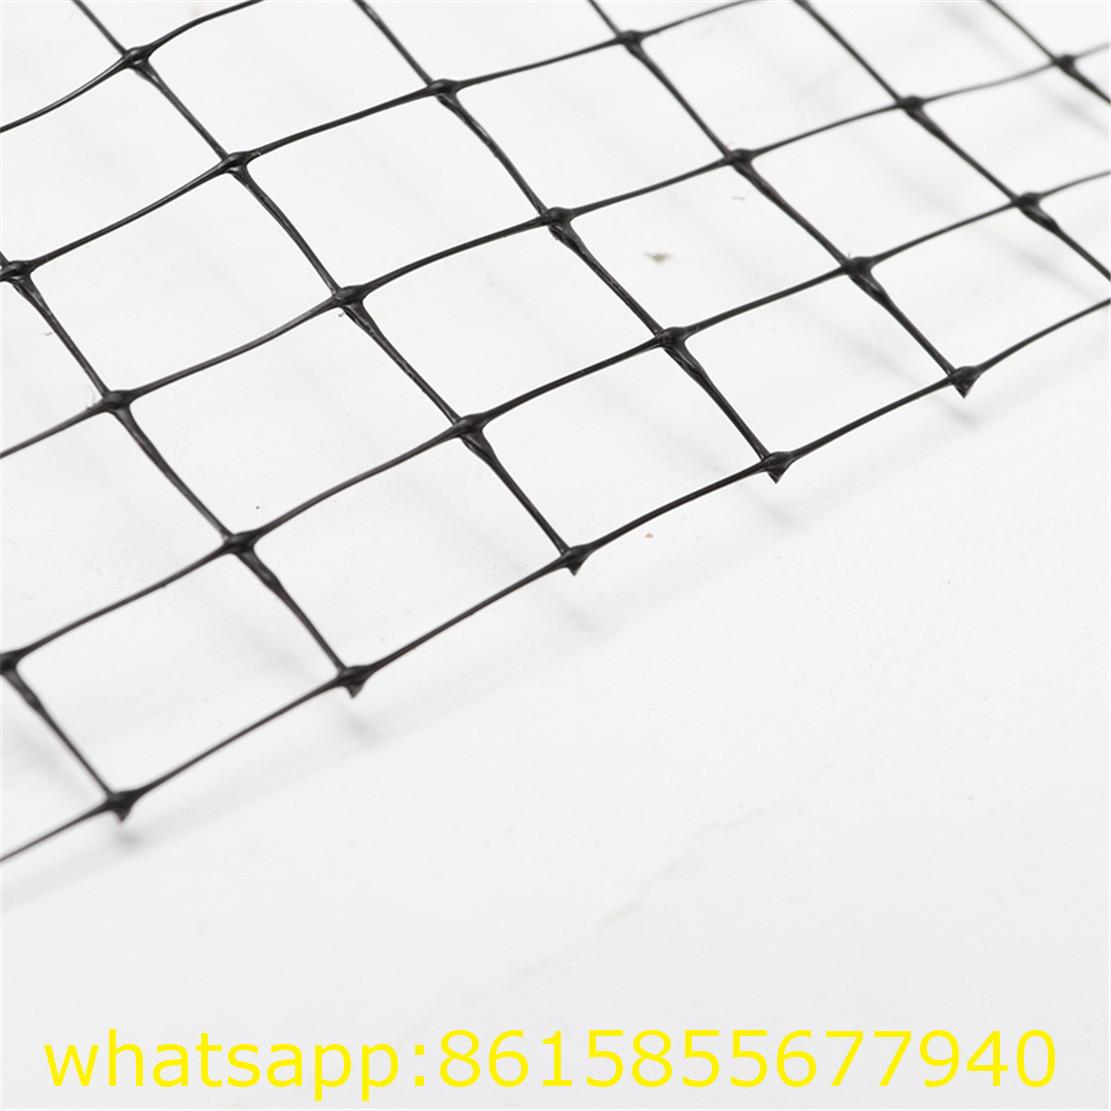 Anti Mole Net, Mole Mesh, Rede de controle de erosão, Bop Net